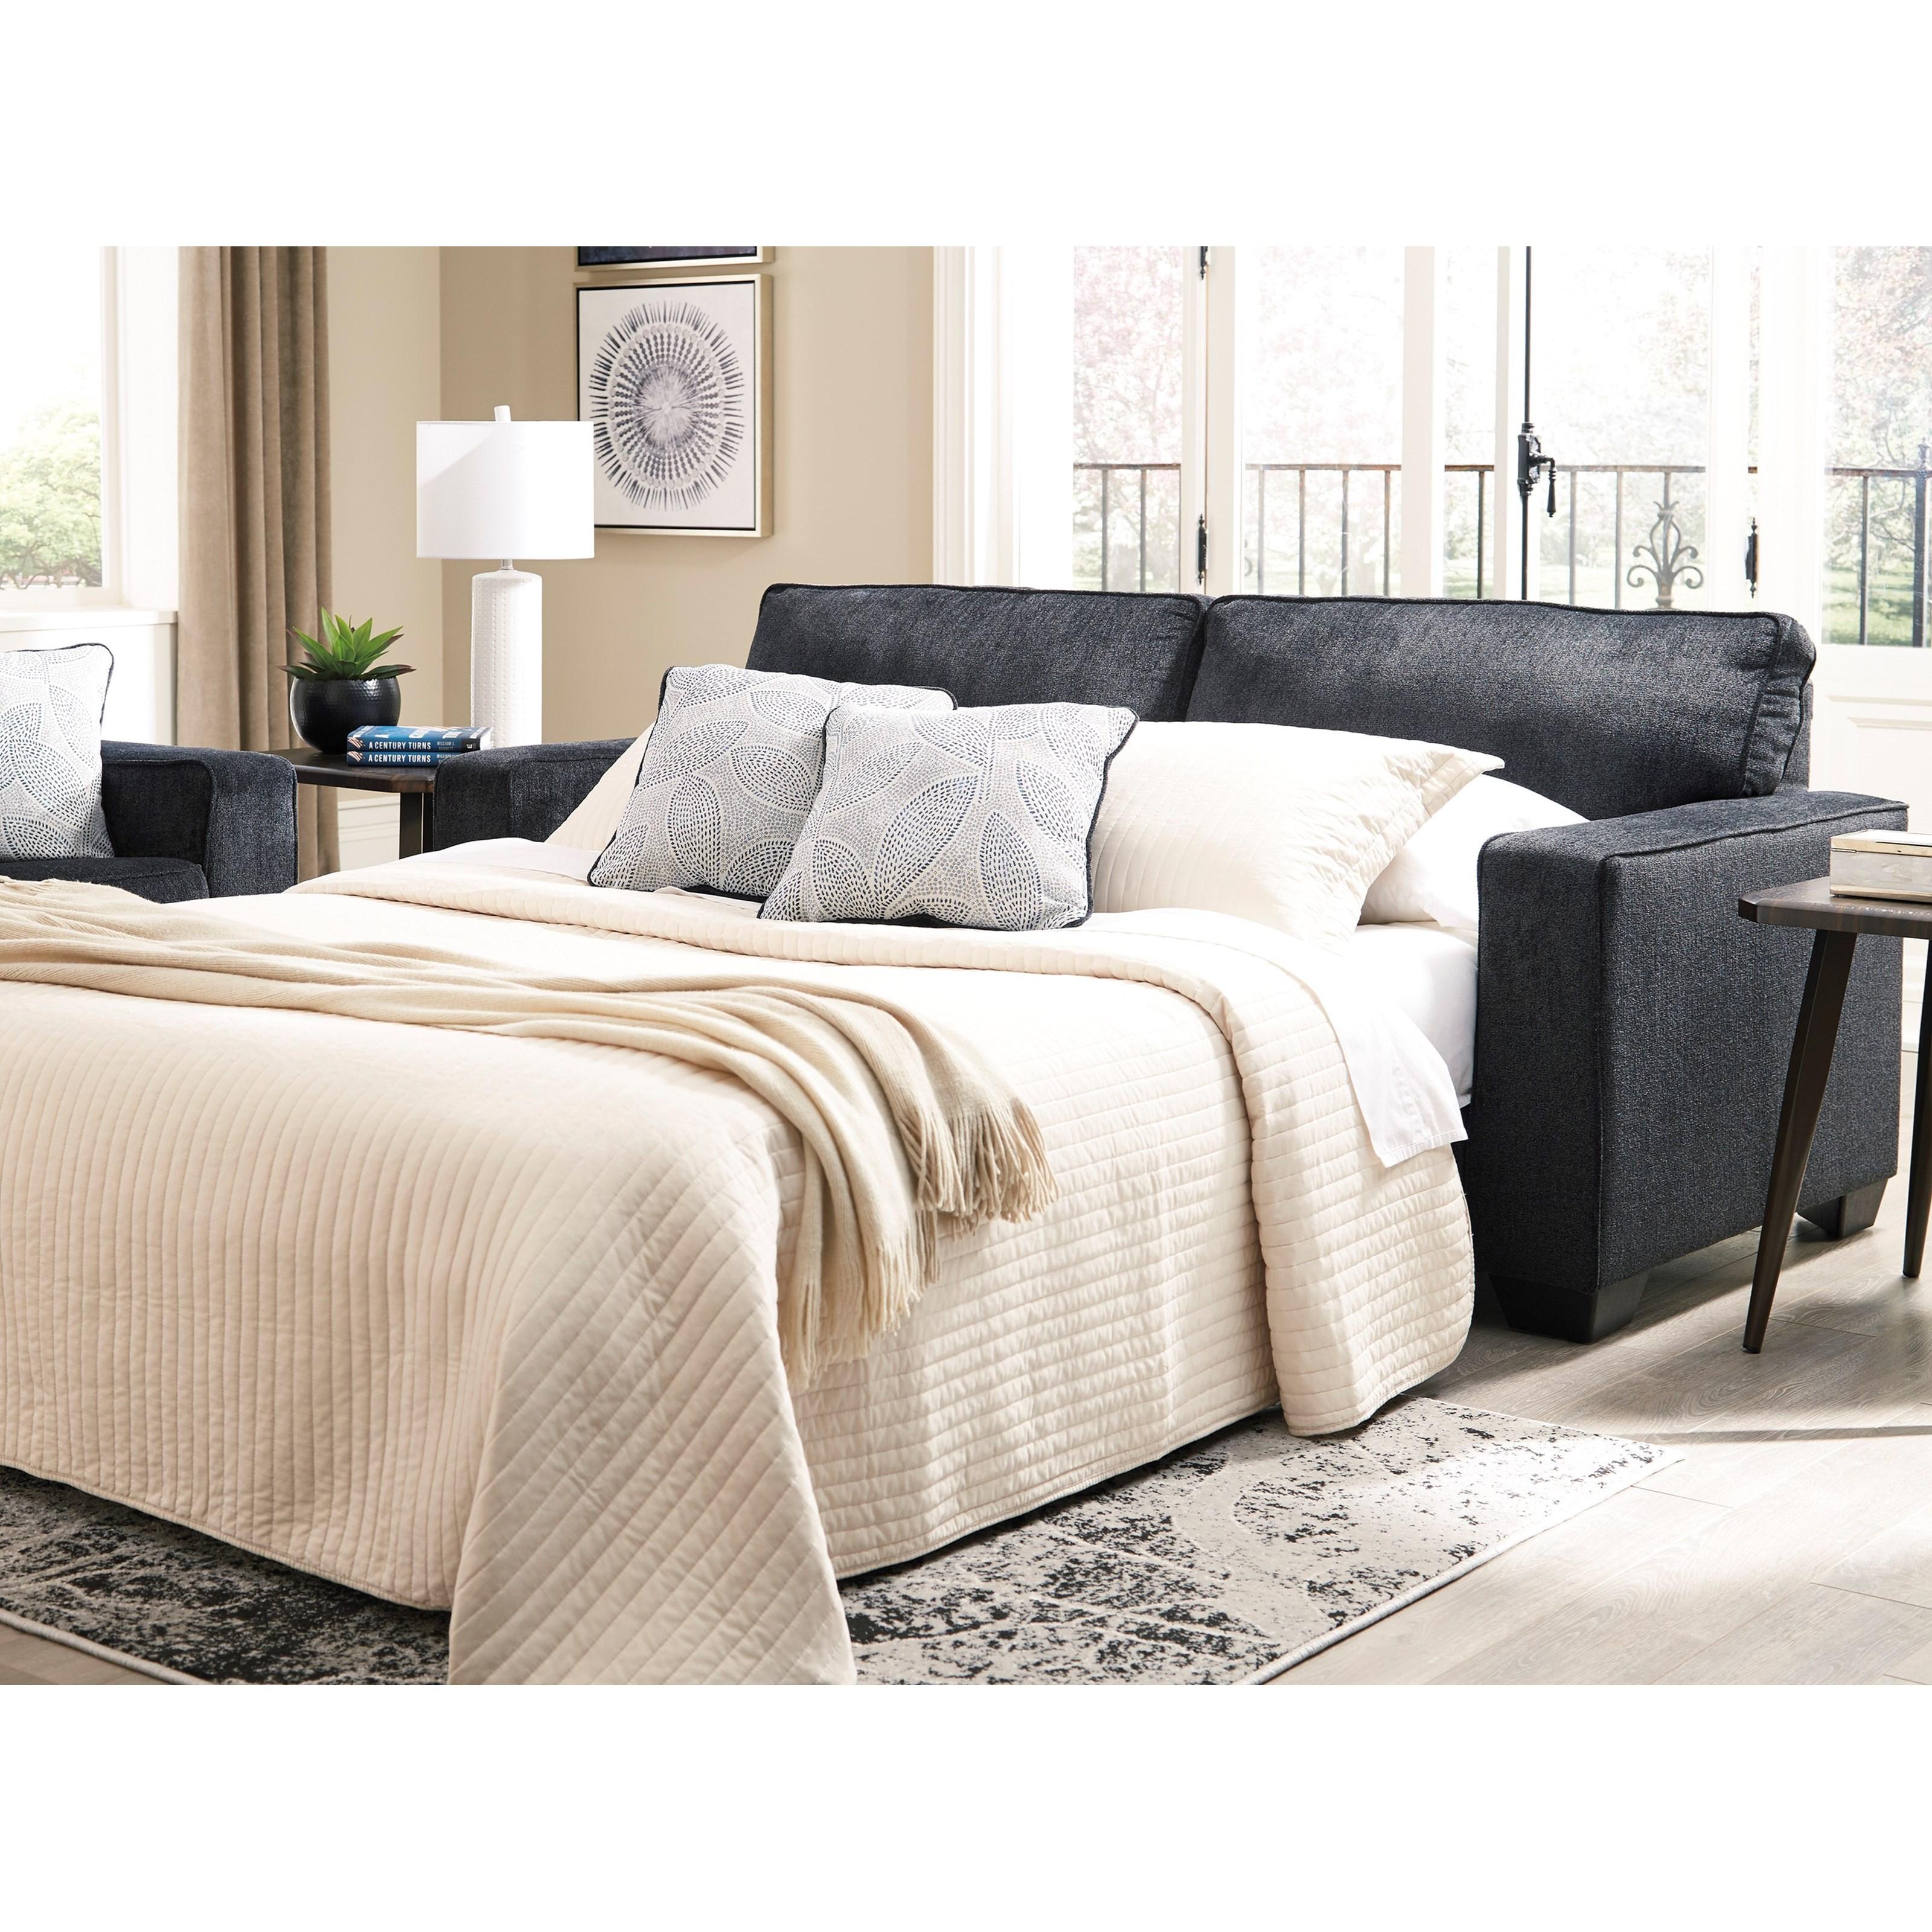 Signature Design AltariQueen Sofa Sleeper ...